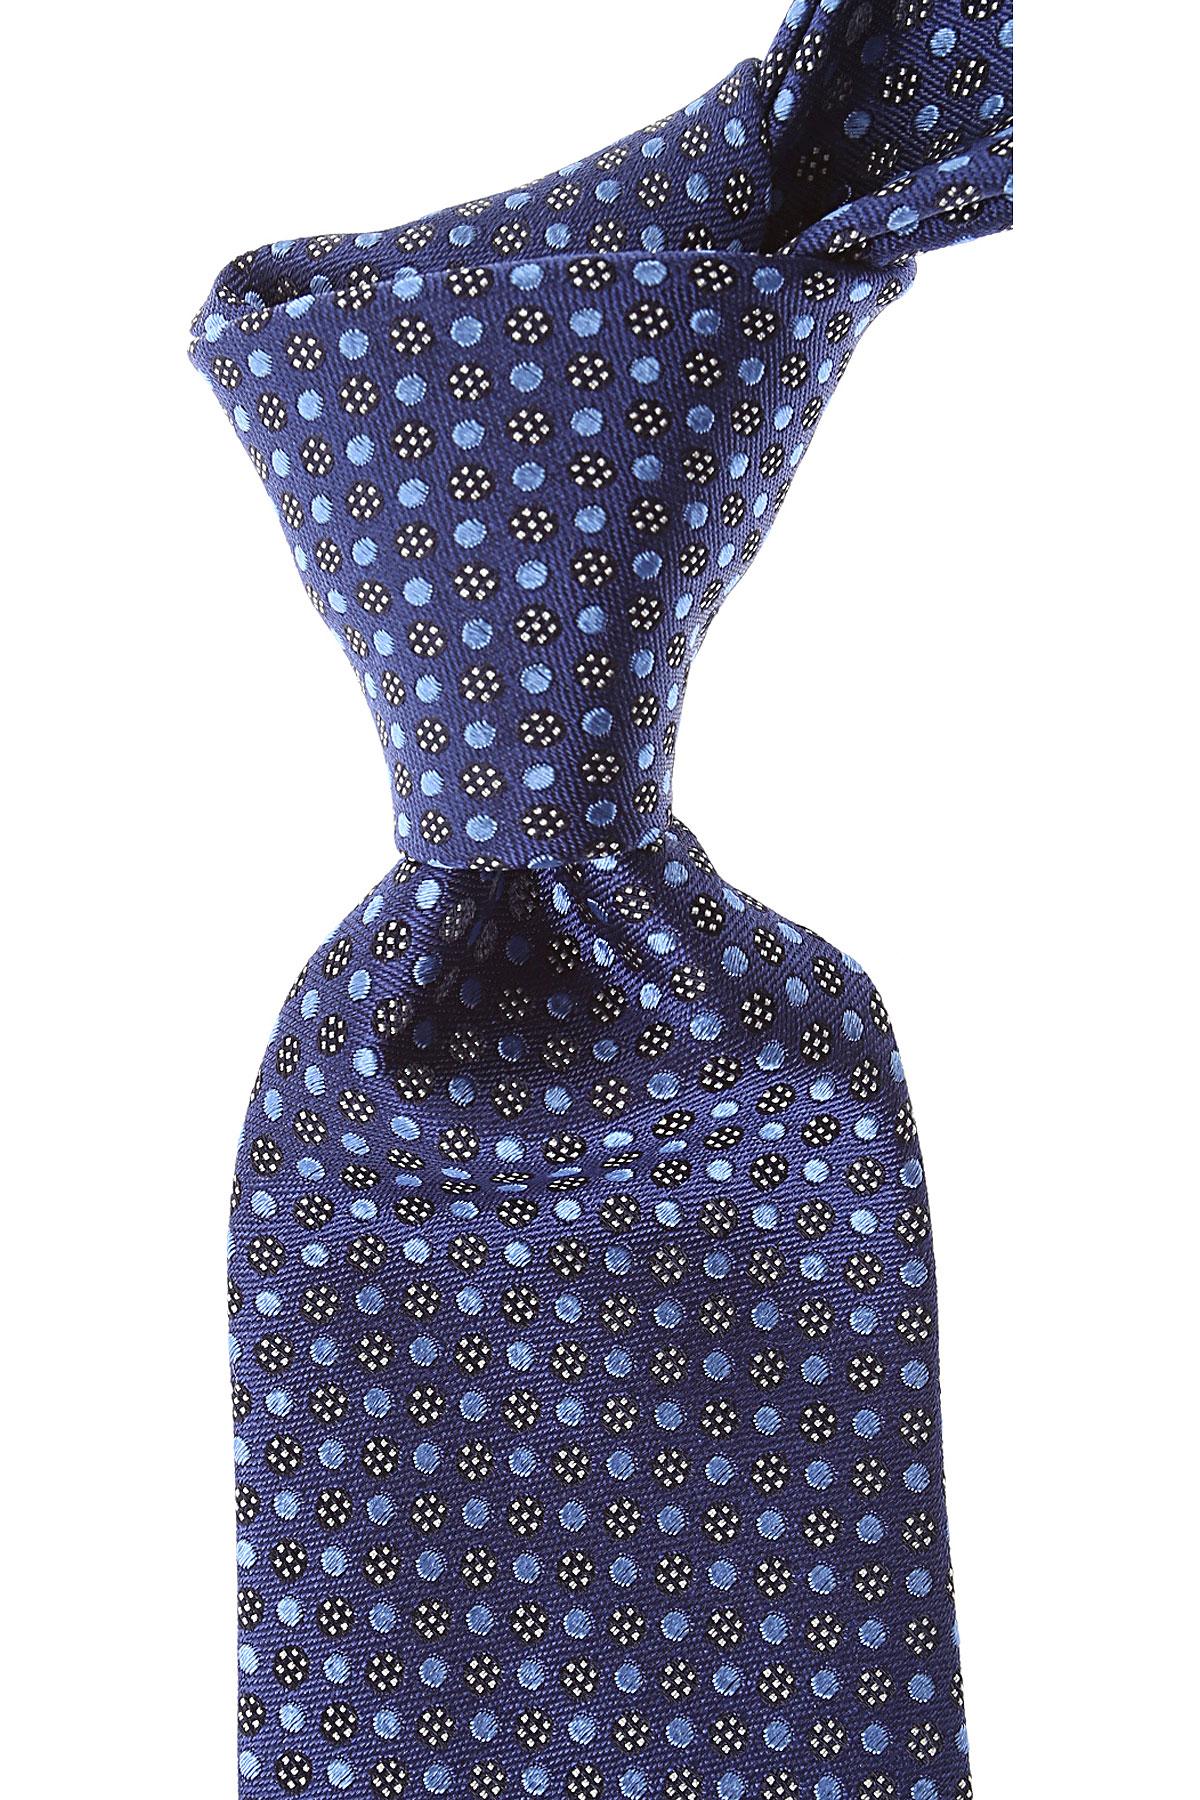 Canali Cravates Pas cher en Soldes, Bleu marine, Soie, 2019